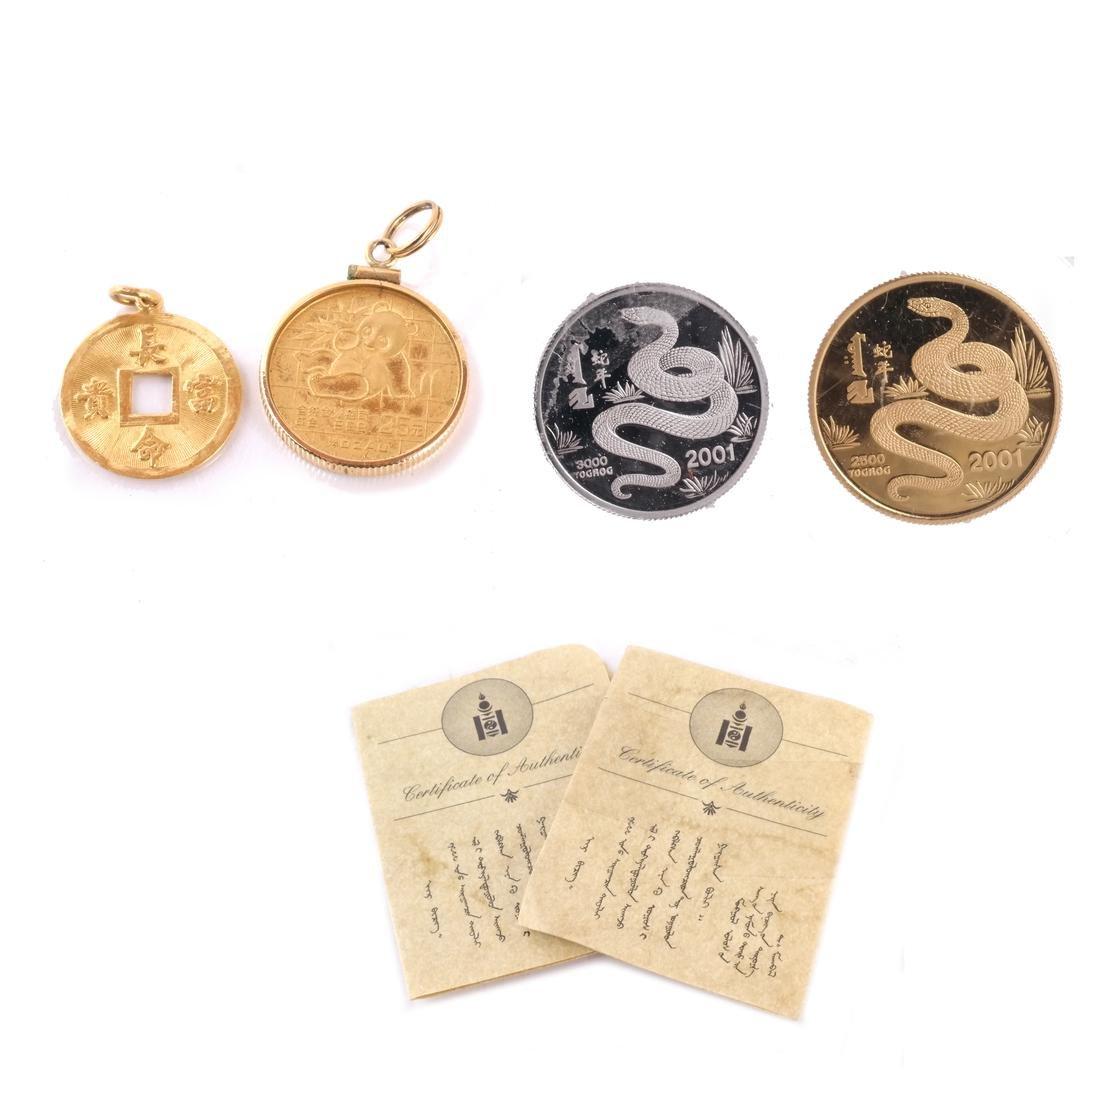 4 China Gold & Platinum Coin Sets